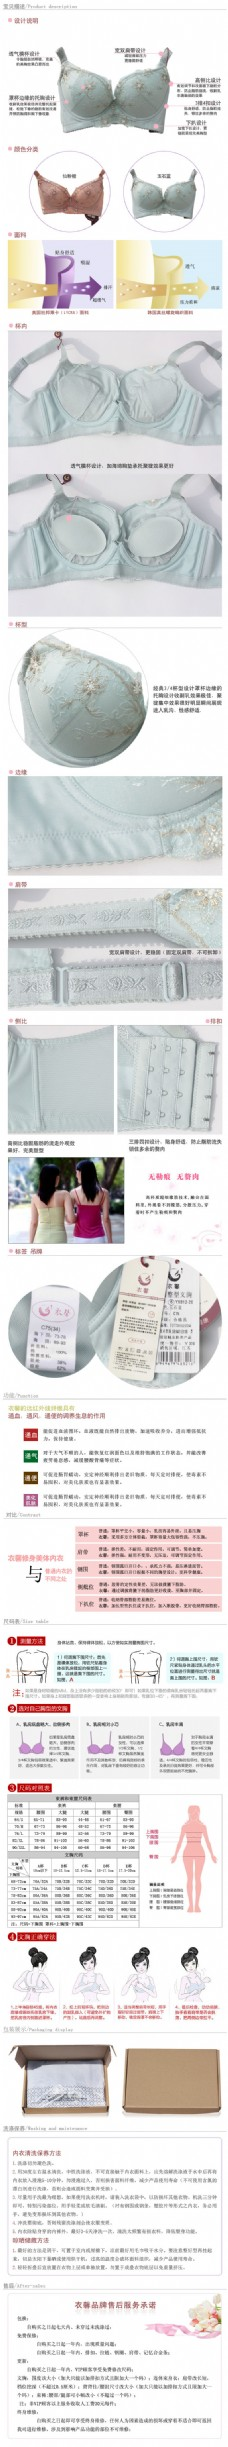 淘宝女性内衣模板设计